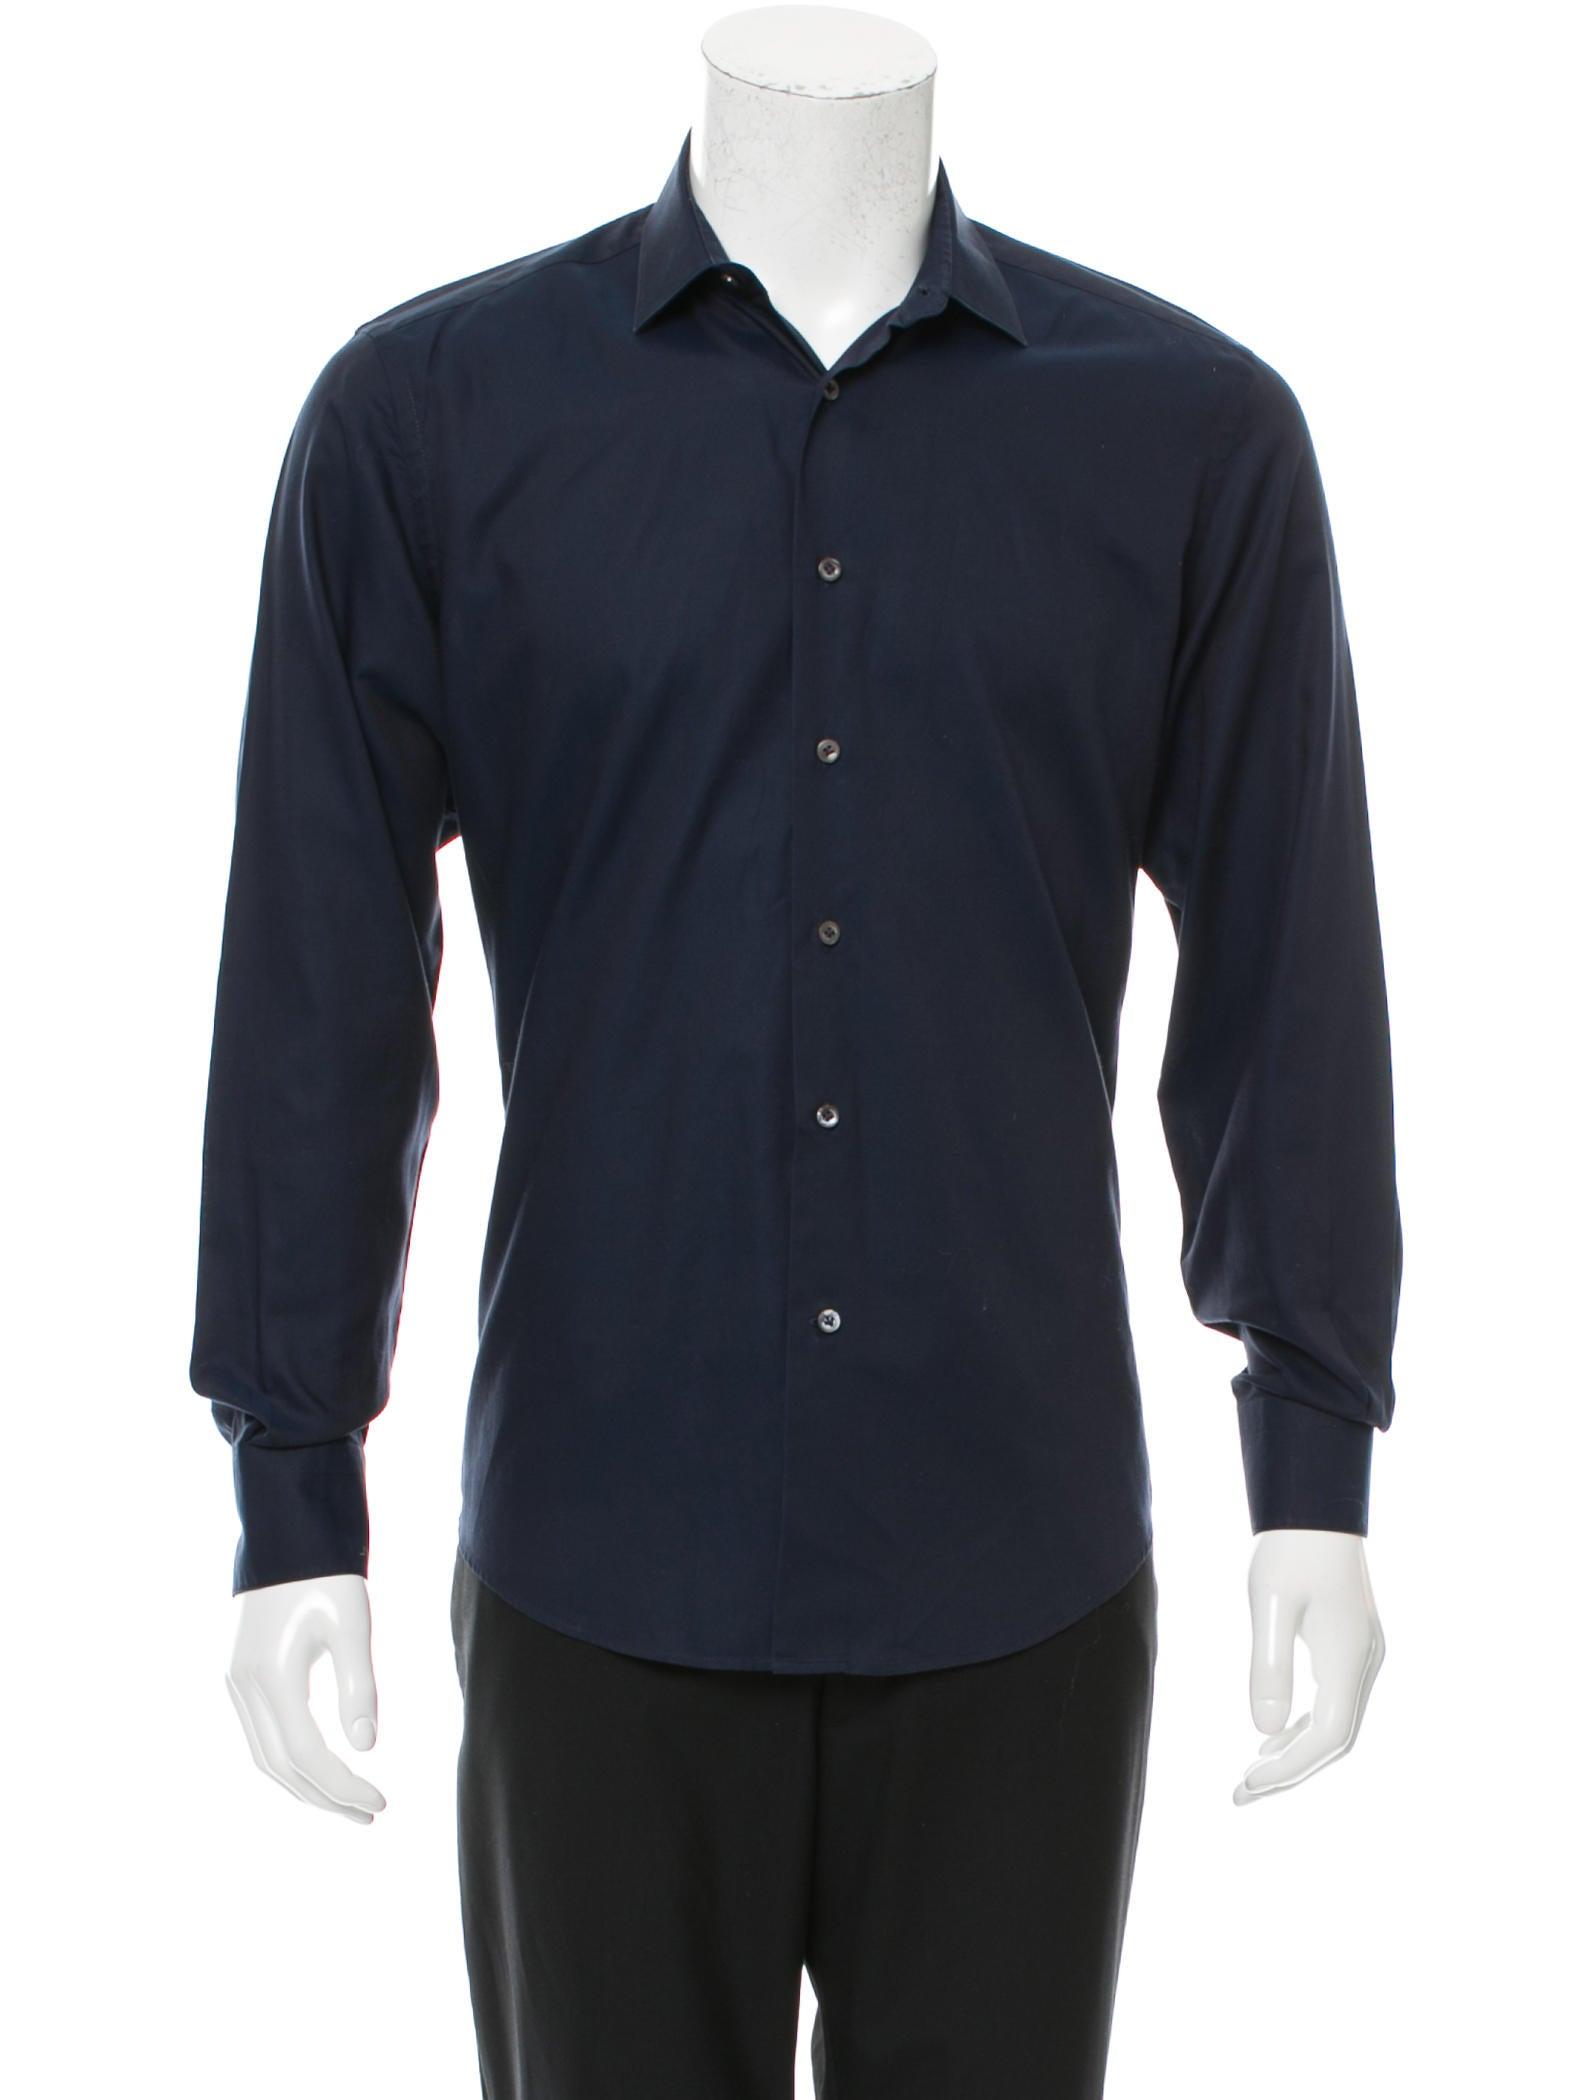 Lanvin Long Sleeve Button Up Shirt Clothing Lan56985